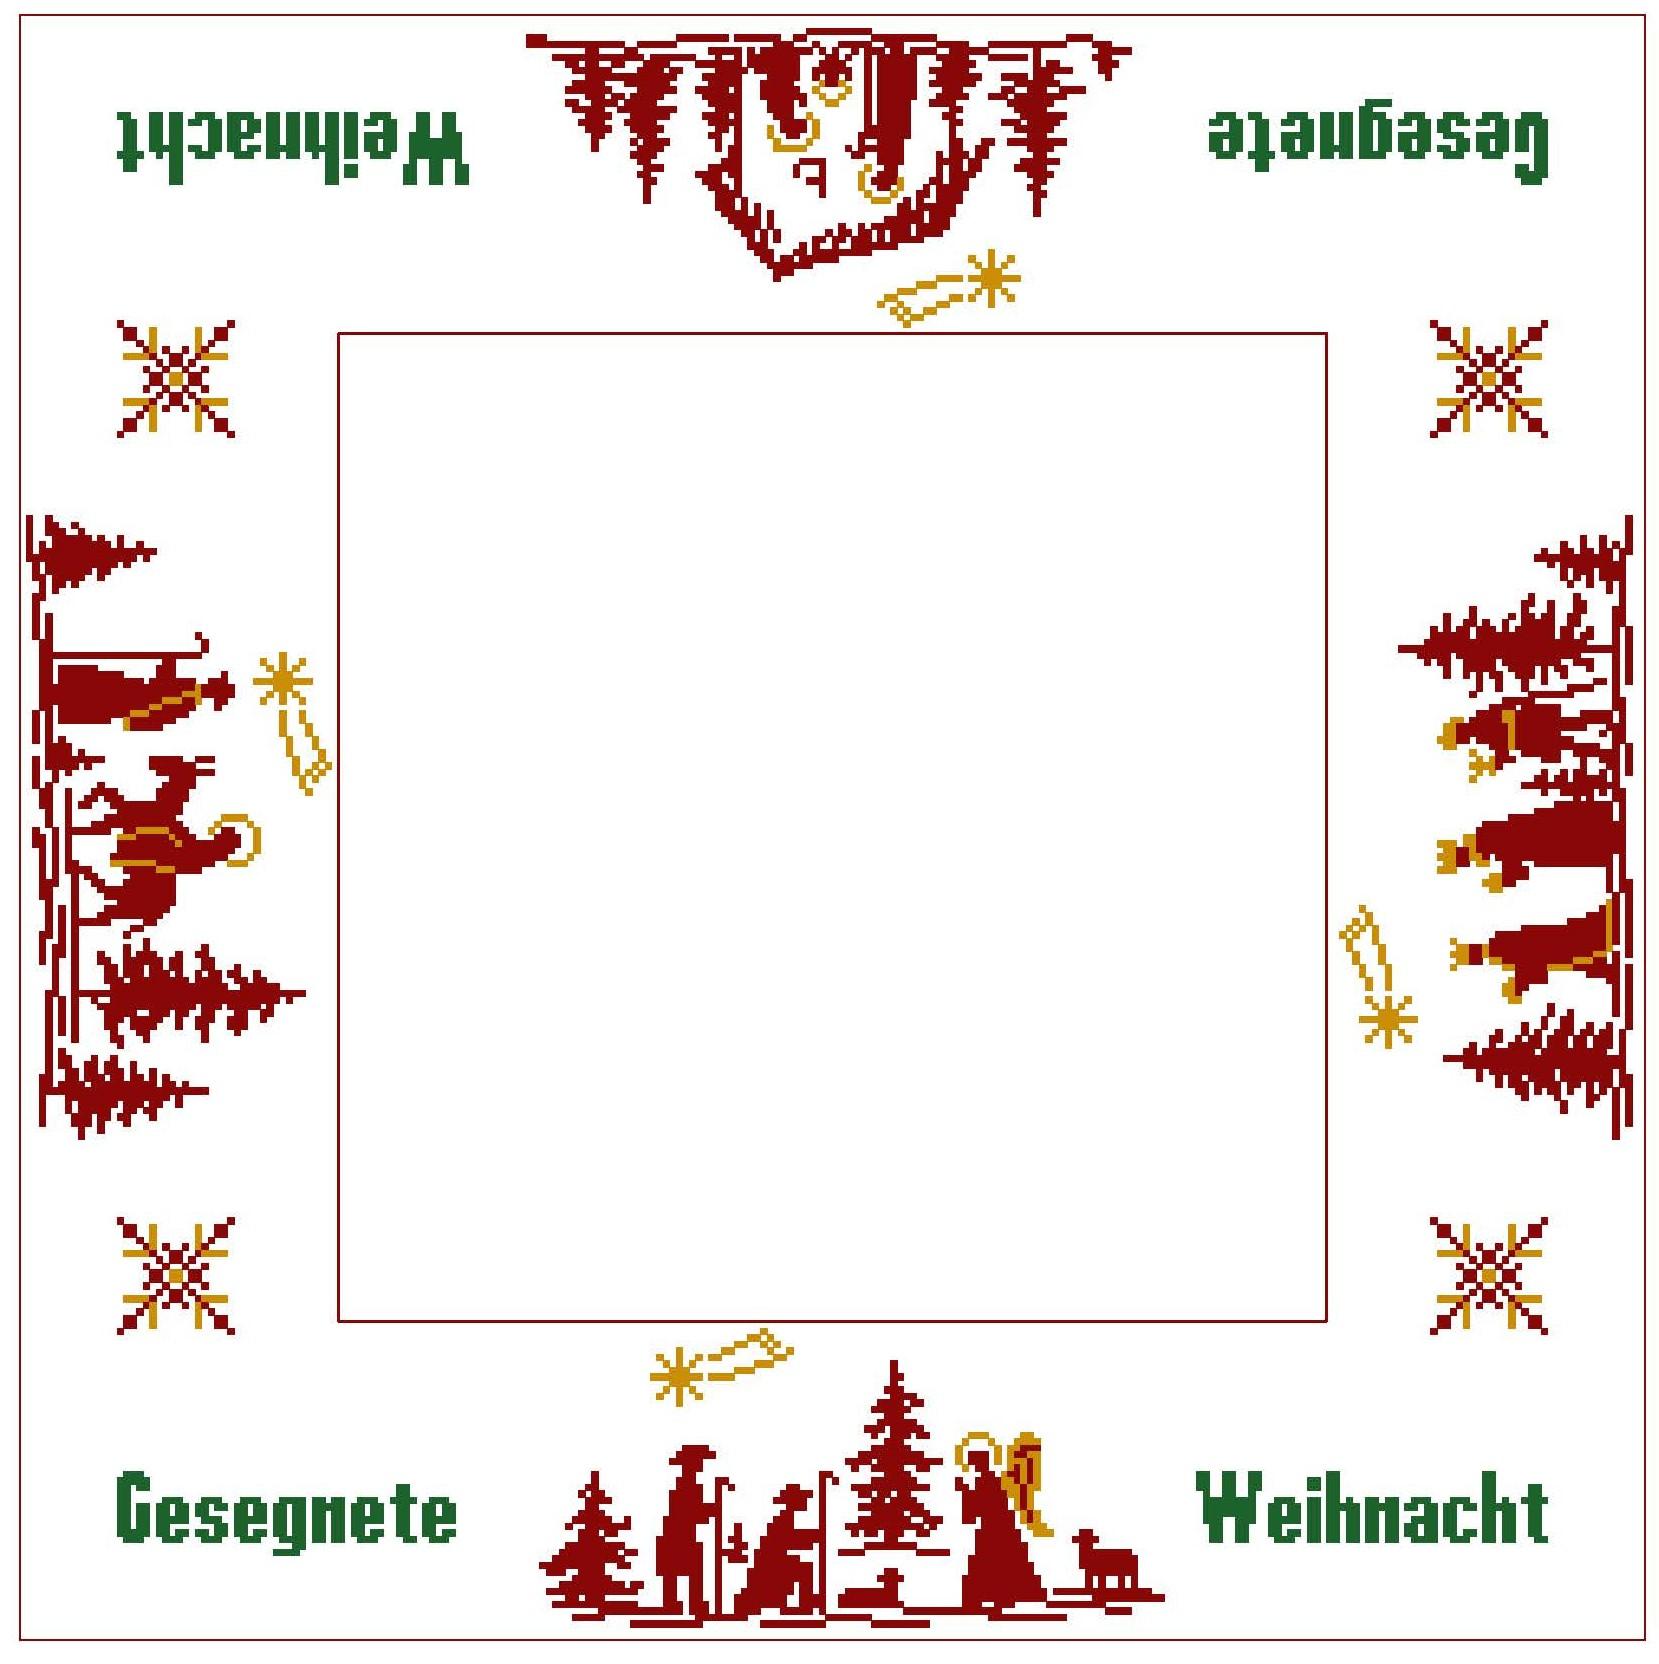 """Tischdecke Weihnachtsgeschichte mit Gesegnete Weihnacht """"Variante 3"""""""